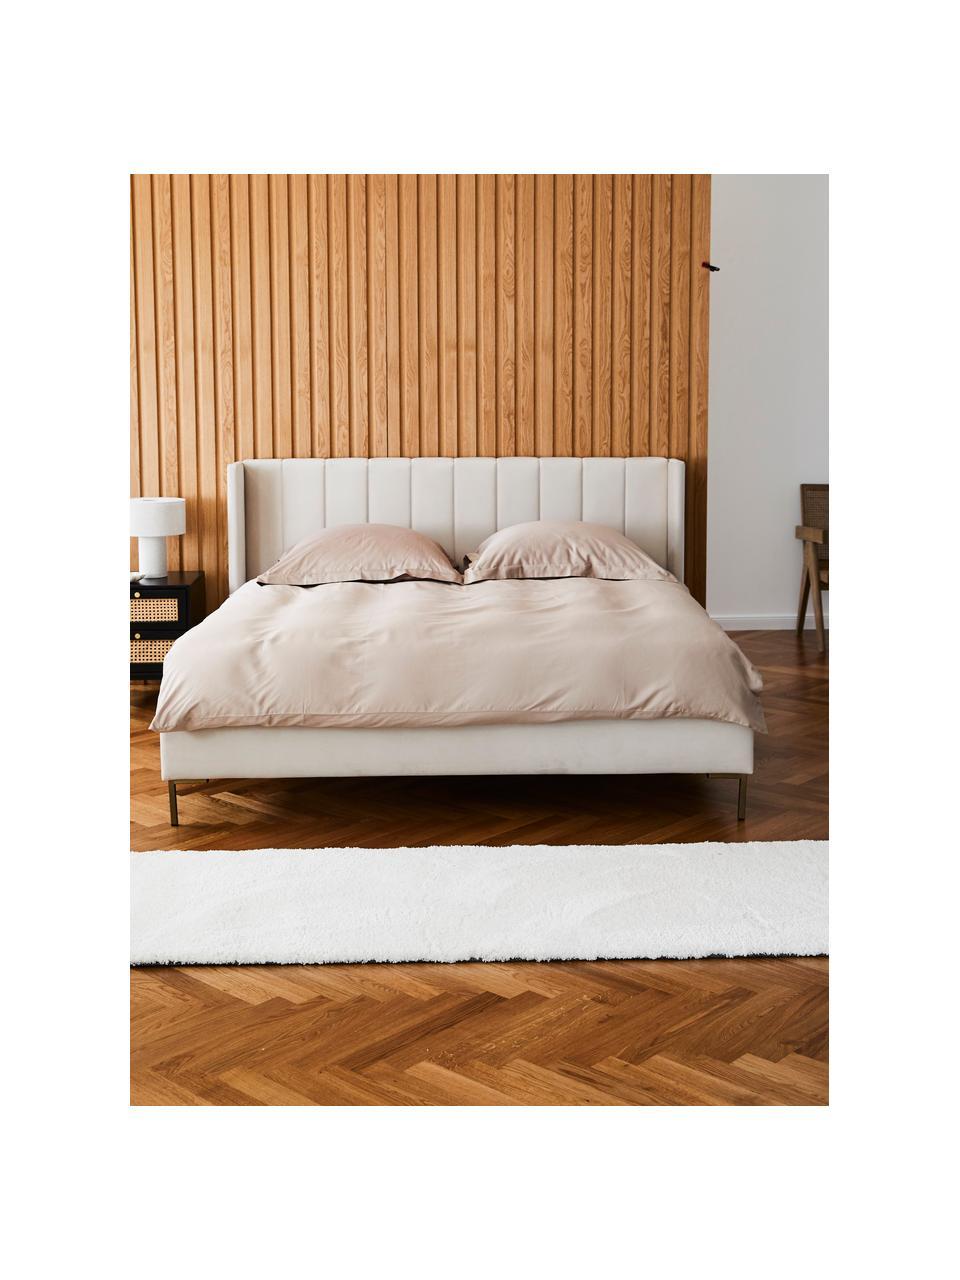 Łóżko tapicerowane z aksamitu Dusk, Korpus: lite drewno sosnowe i pły, Tapicerka: aksamit poliestrowy 290 g, Nogi: metal malowany proszkowo, Beżowy, S 160 x D 200 cm